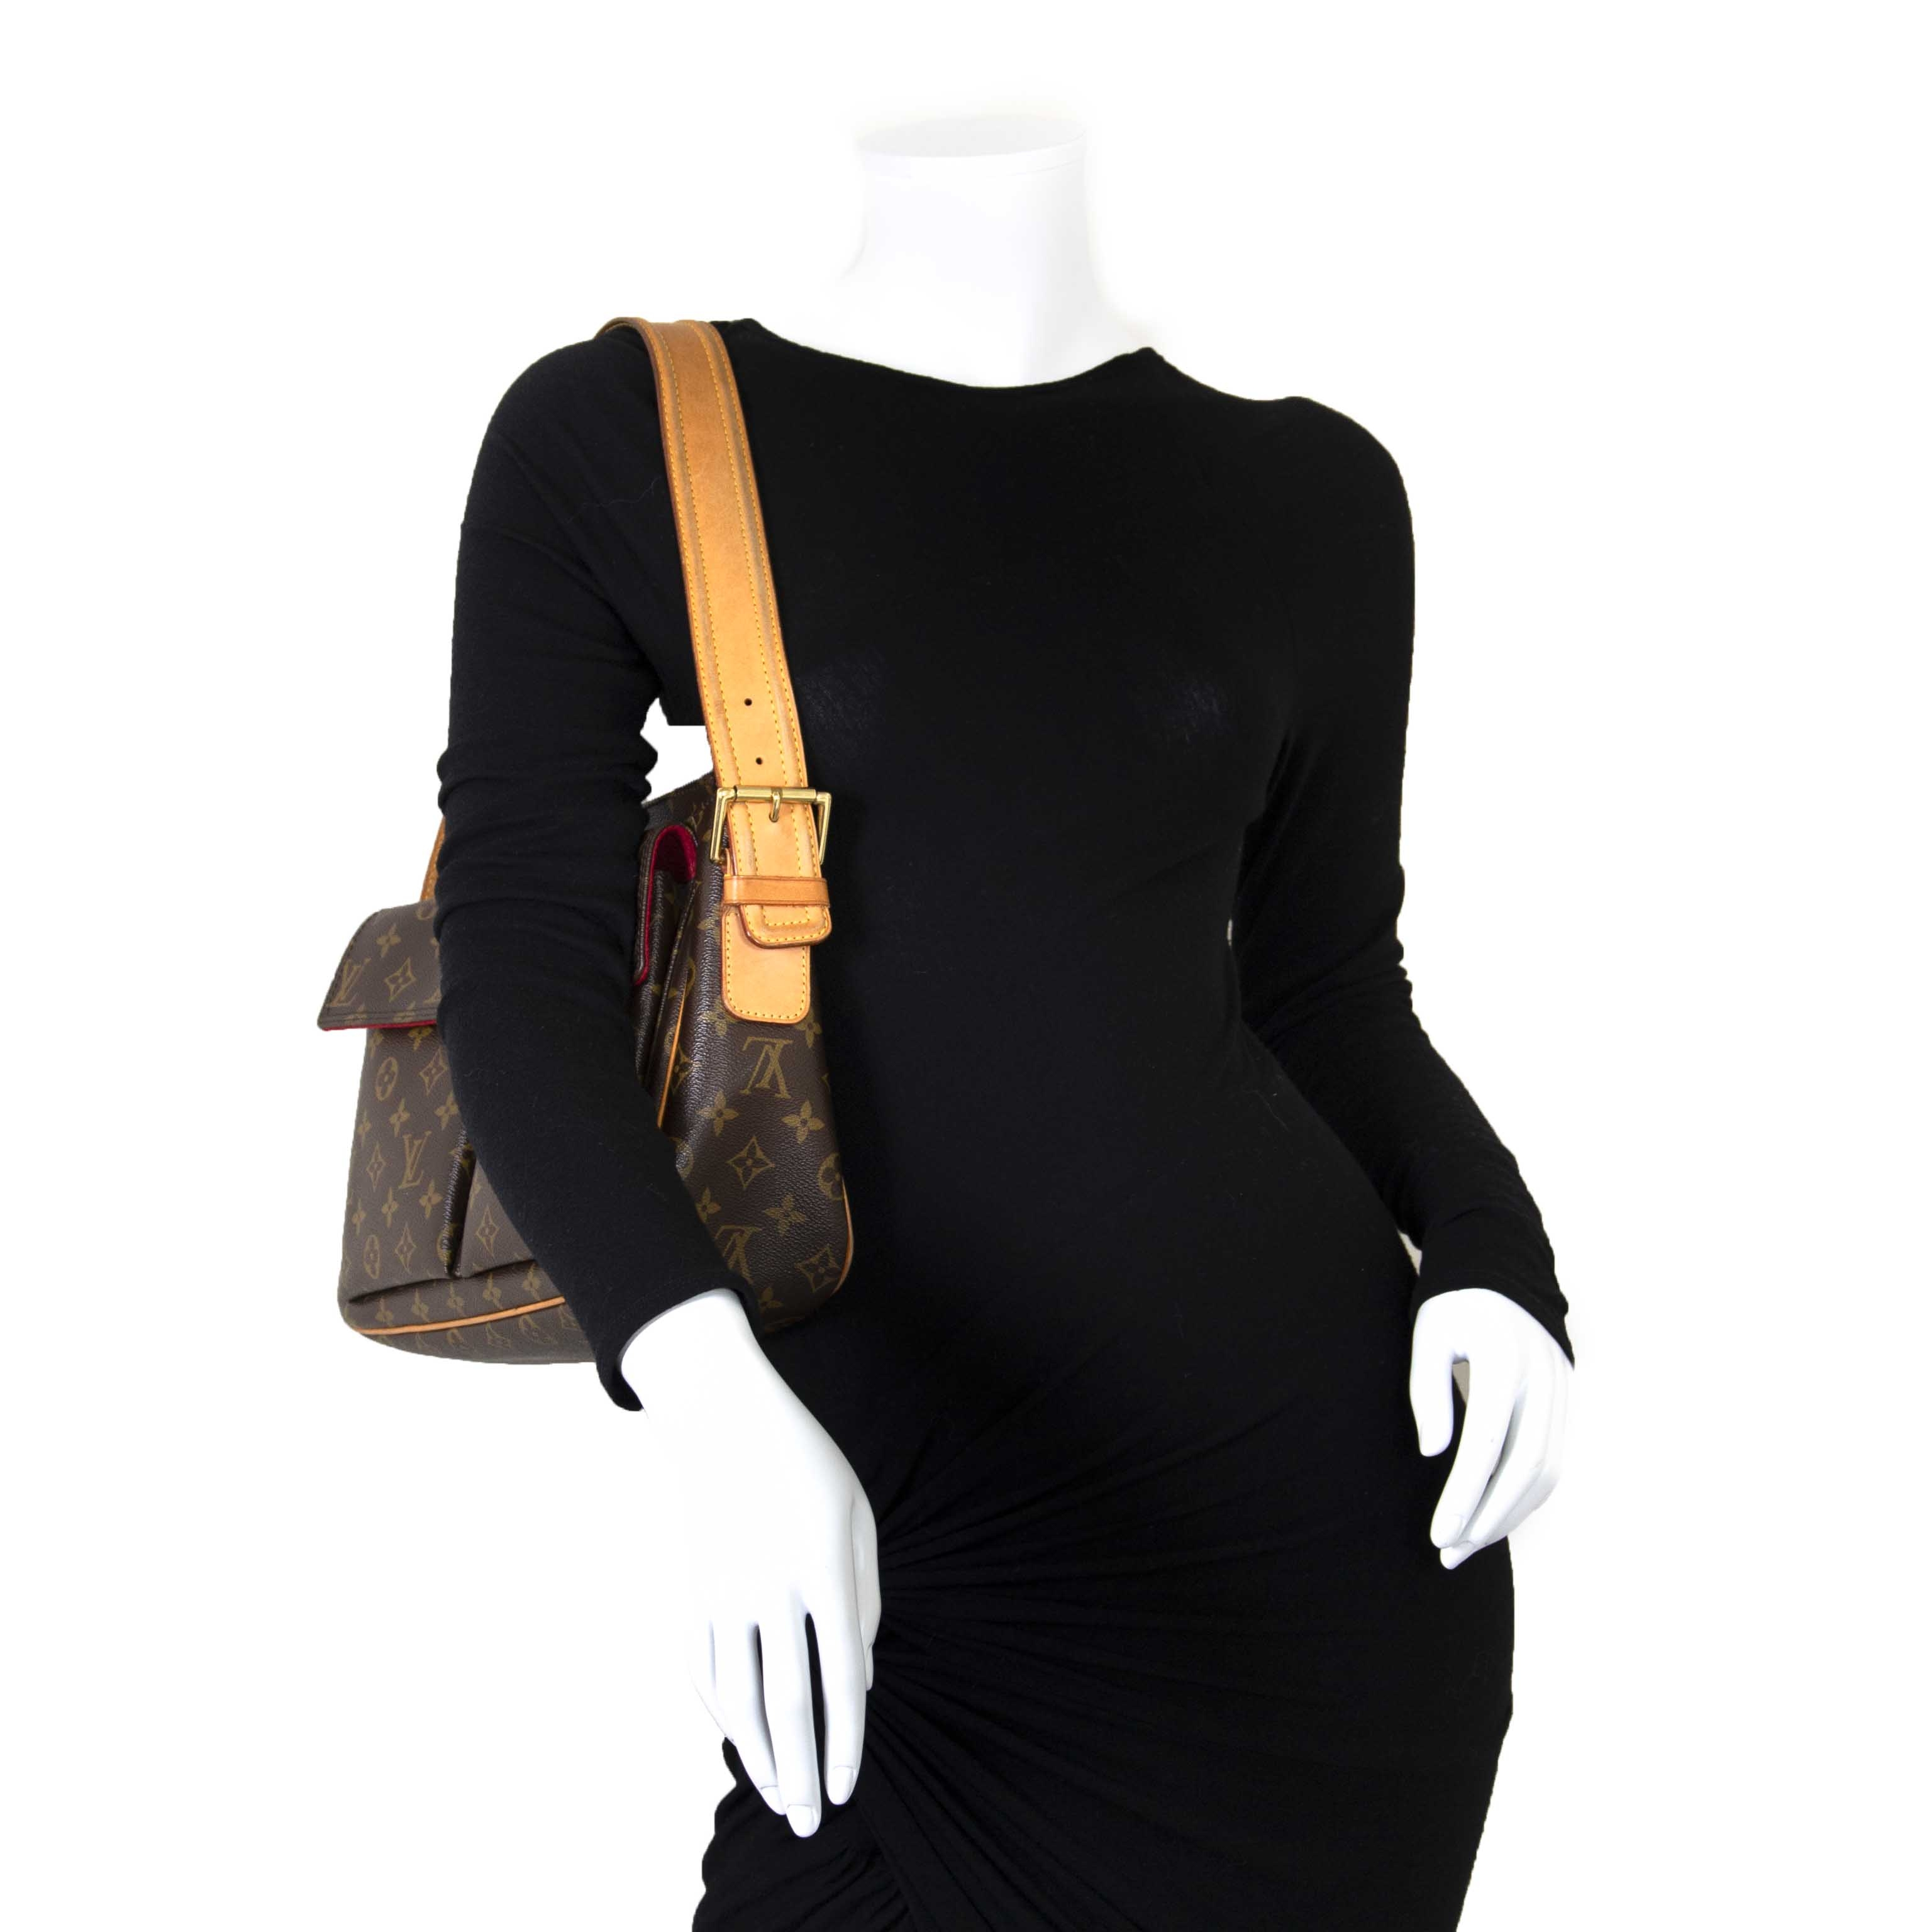 Louis Vuitton Monogram Viva Cite GM Shoulder Bag now for sale at labellov vintage fashion webshop belgium